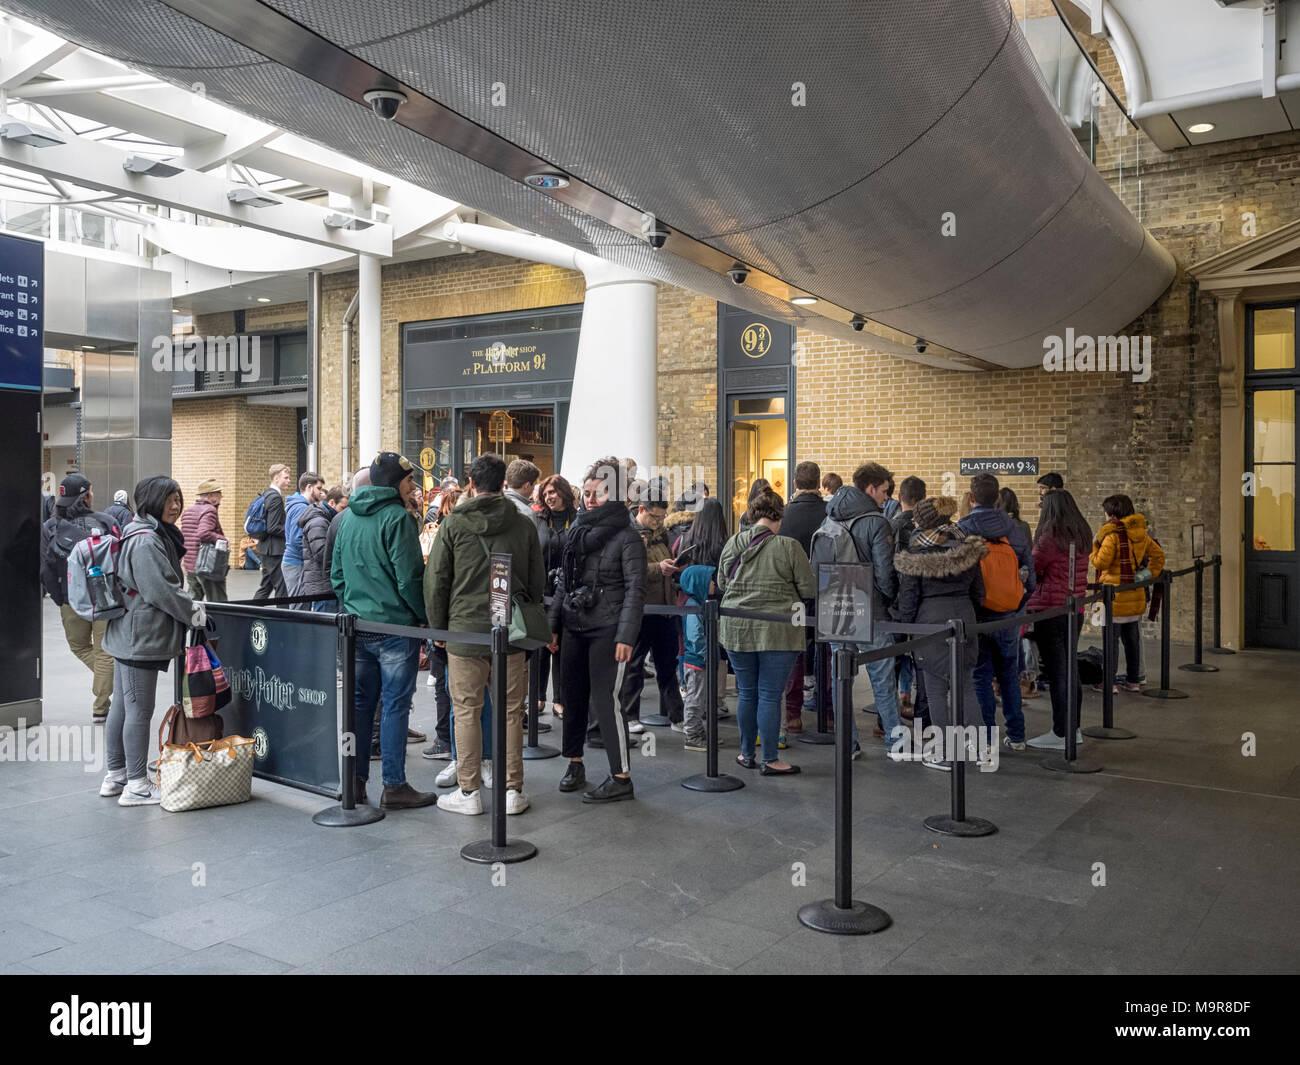 La stazione di Kings Cross: persone in coda per la Harry Potter Shop in corrispondenza della piattaforma 9 3/4 Immagini Stock